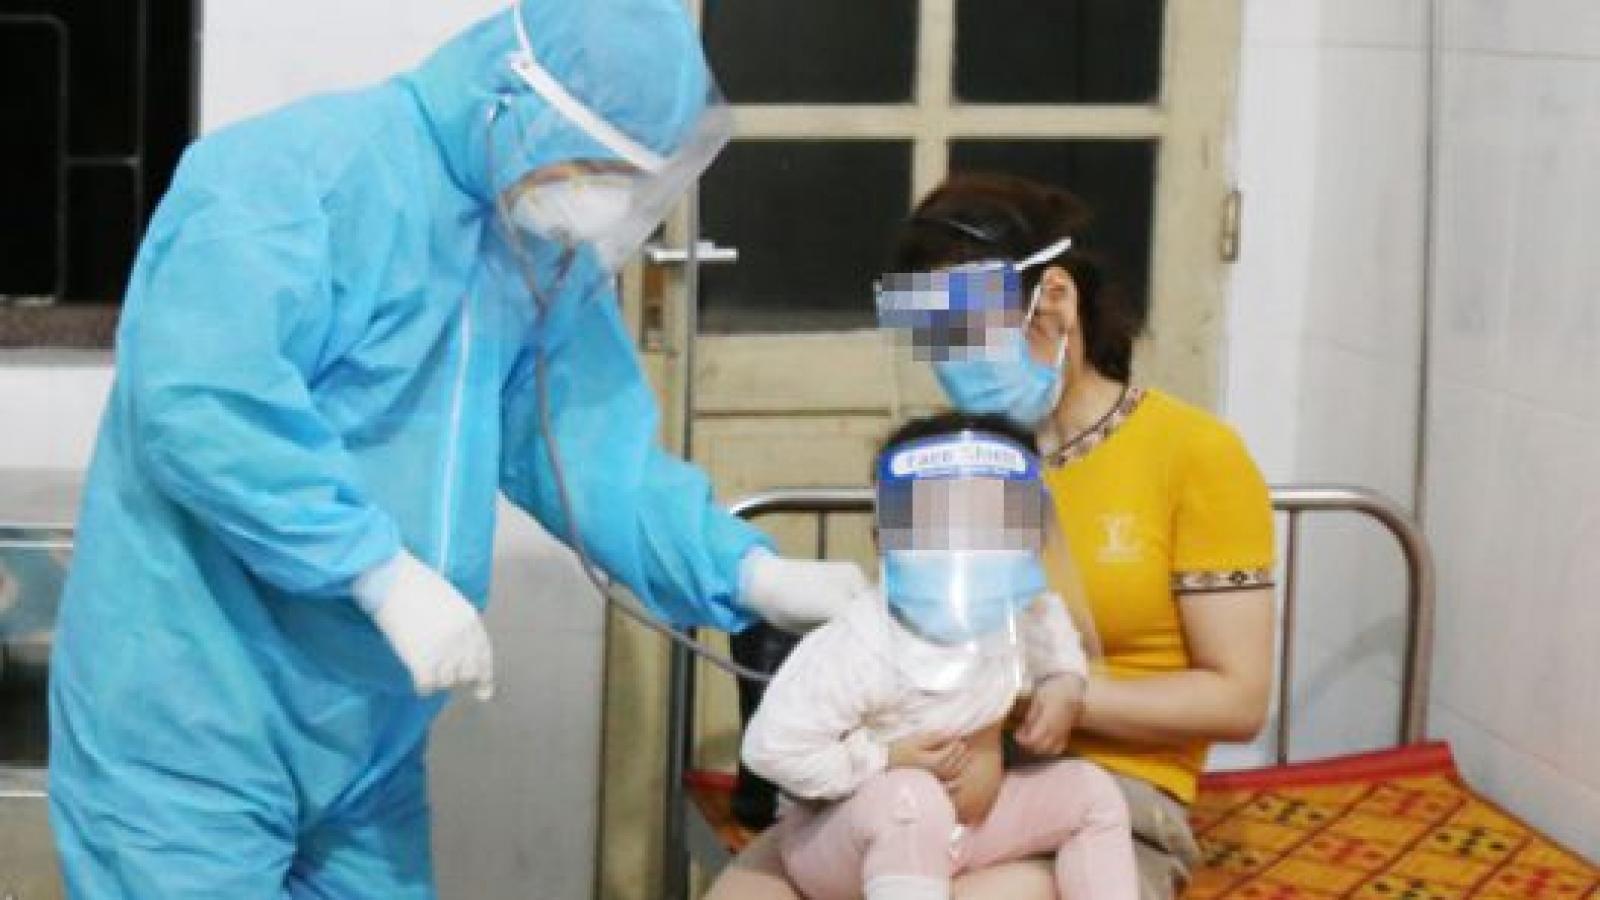 Bé gái 19 tháng tuổi từ Lào về Hà Tĩnh dương tính với SARS-CoV-2